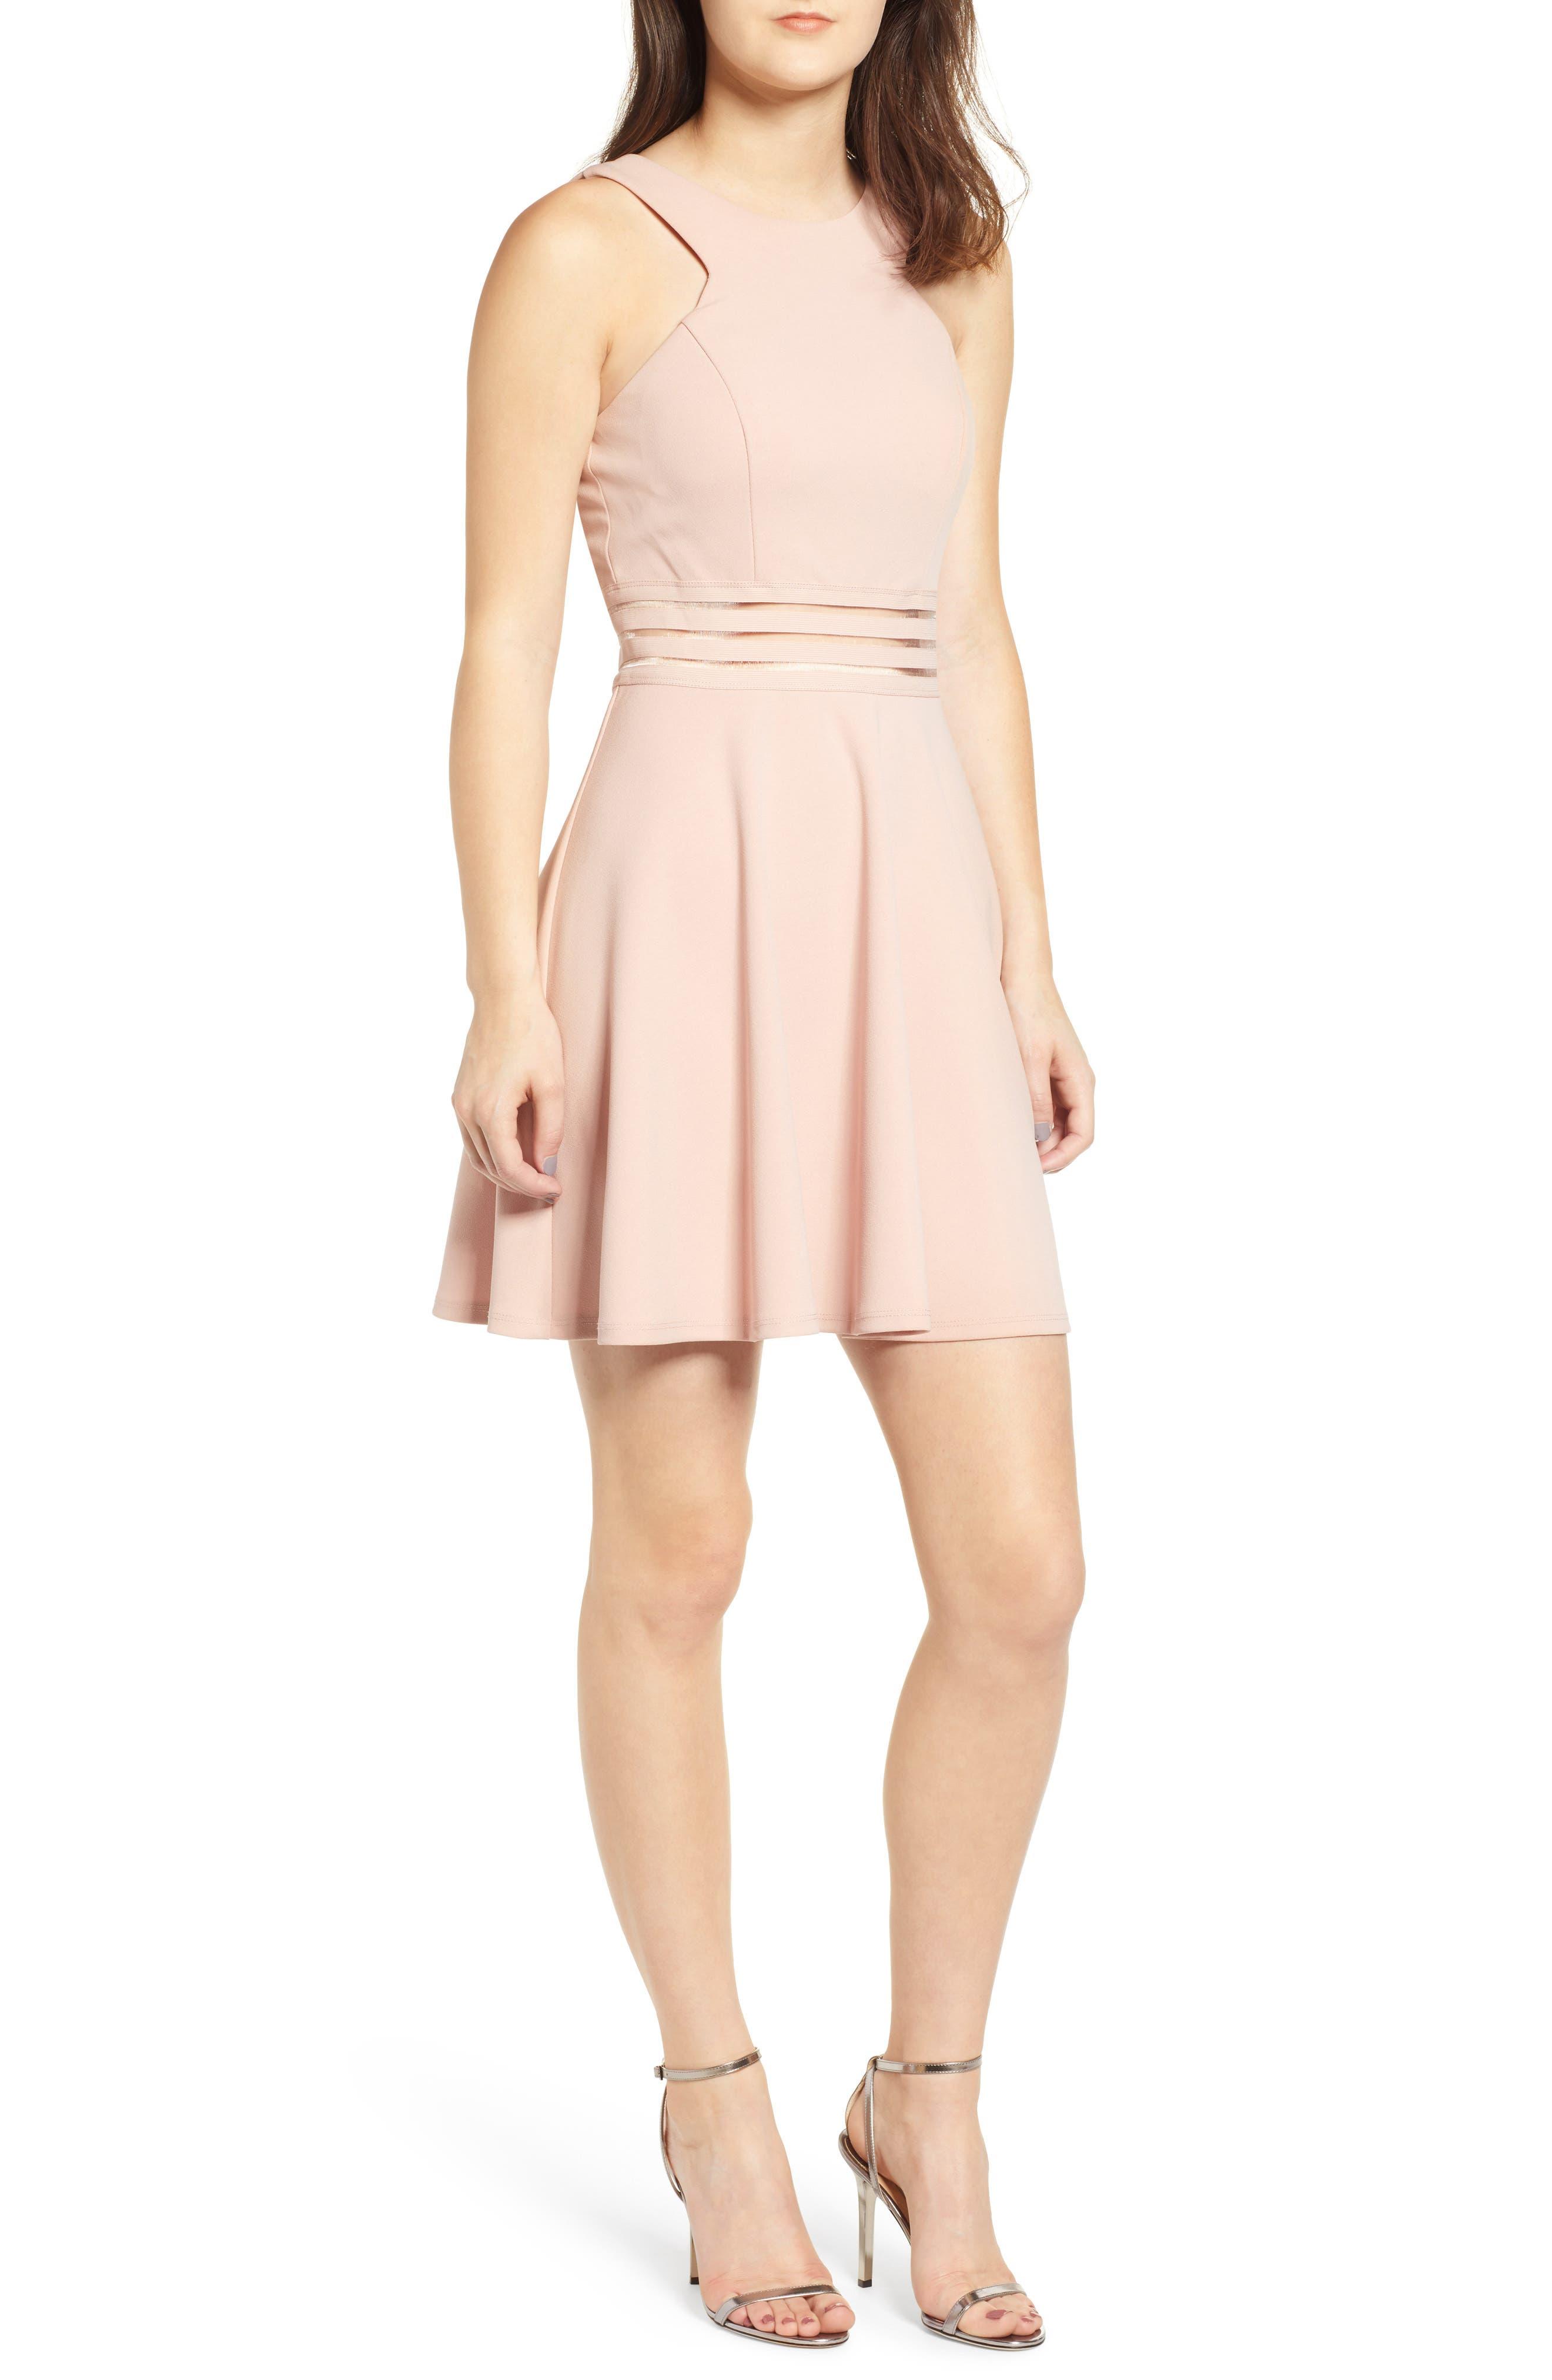 SPEECHLESS Scuba Skater Dress, Main, color, DUSTY ROSE